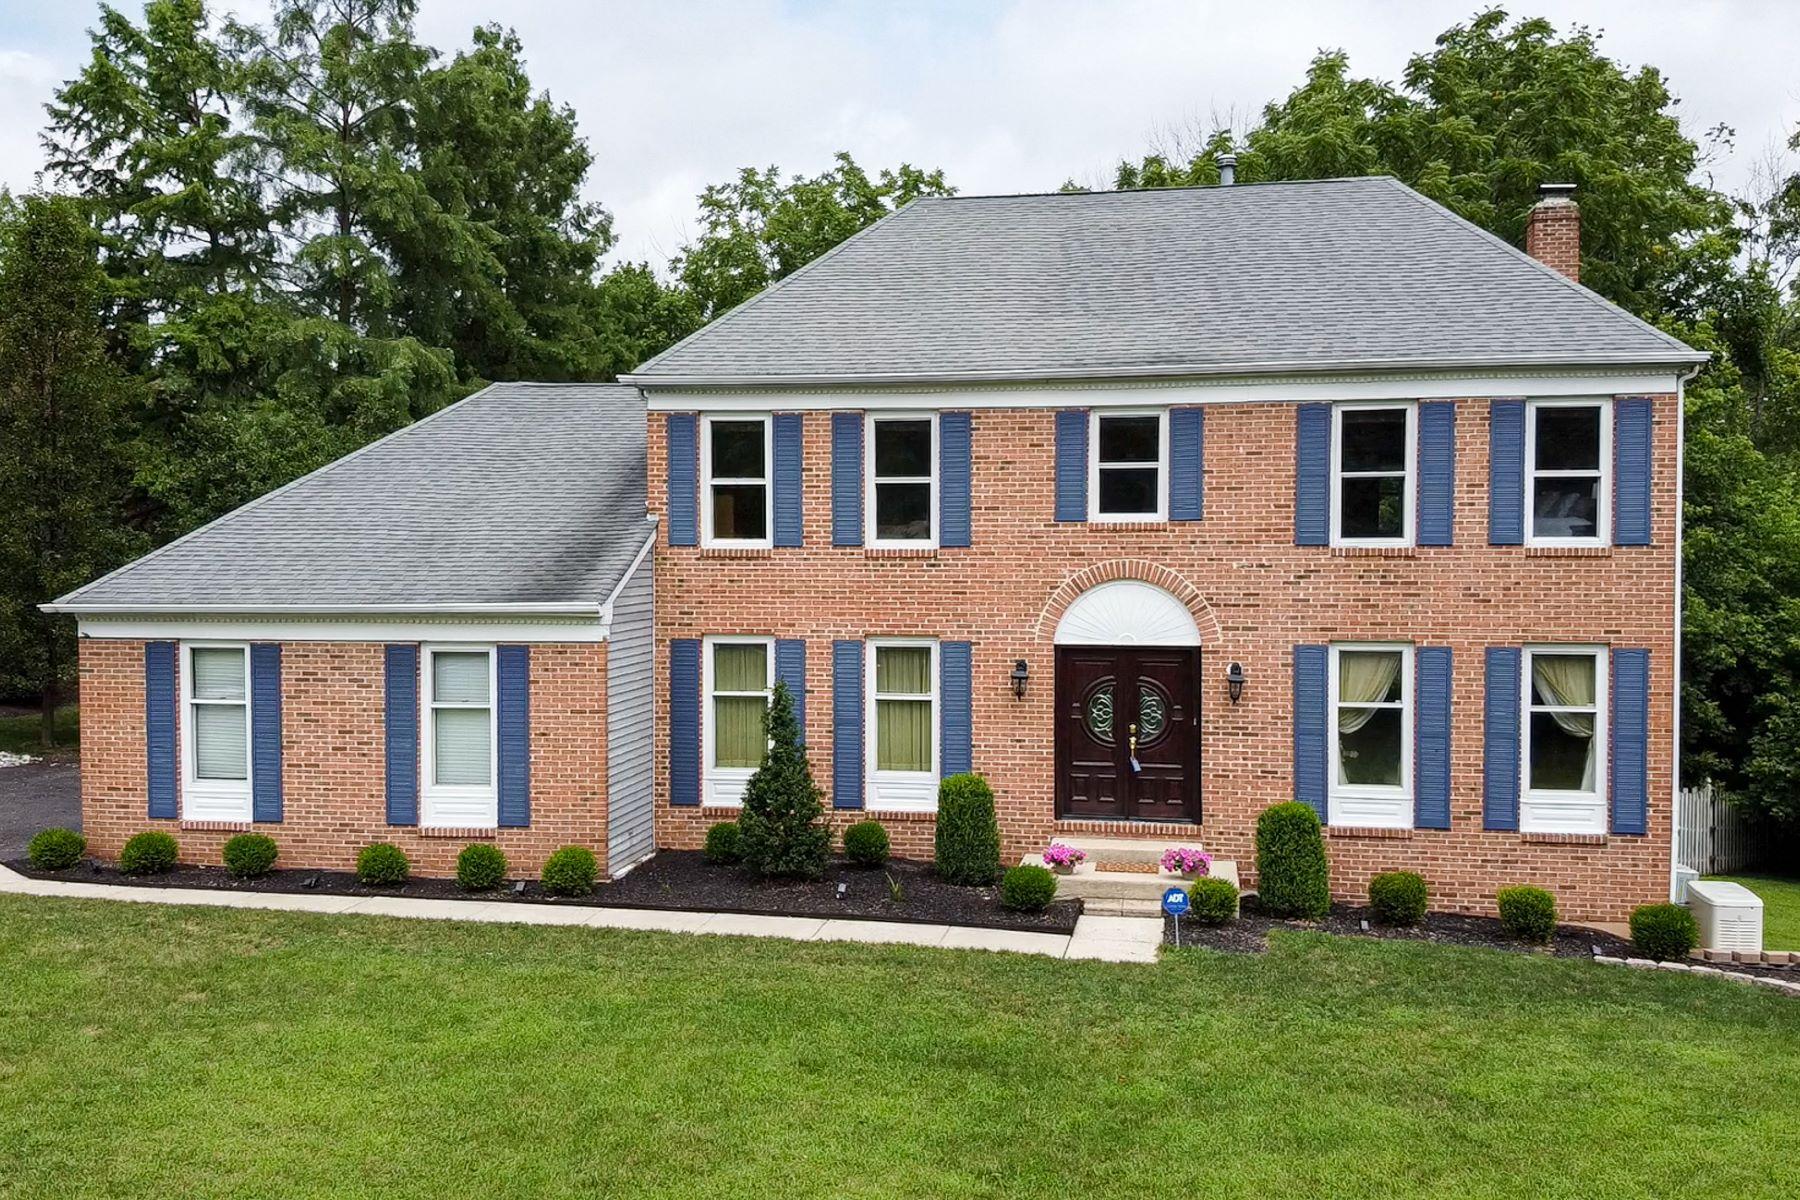 Single Family Homes für Verkauf beim Classic Brick Front Colonial 8 Tamarack Drive, Branchburg, New Jersey 08853 Vereinigte Staaten